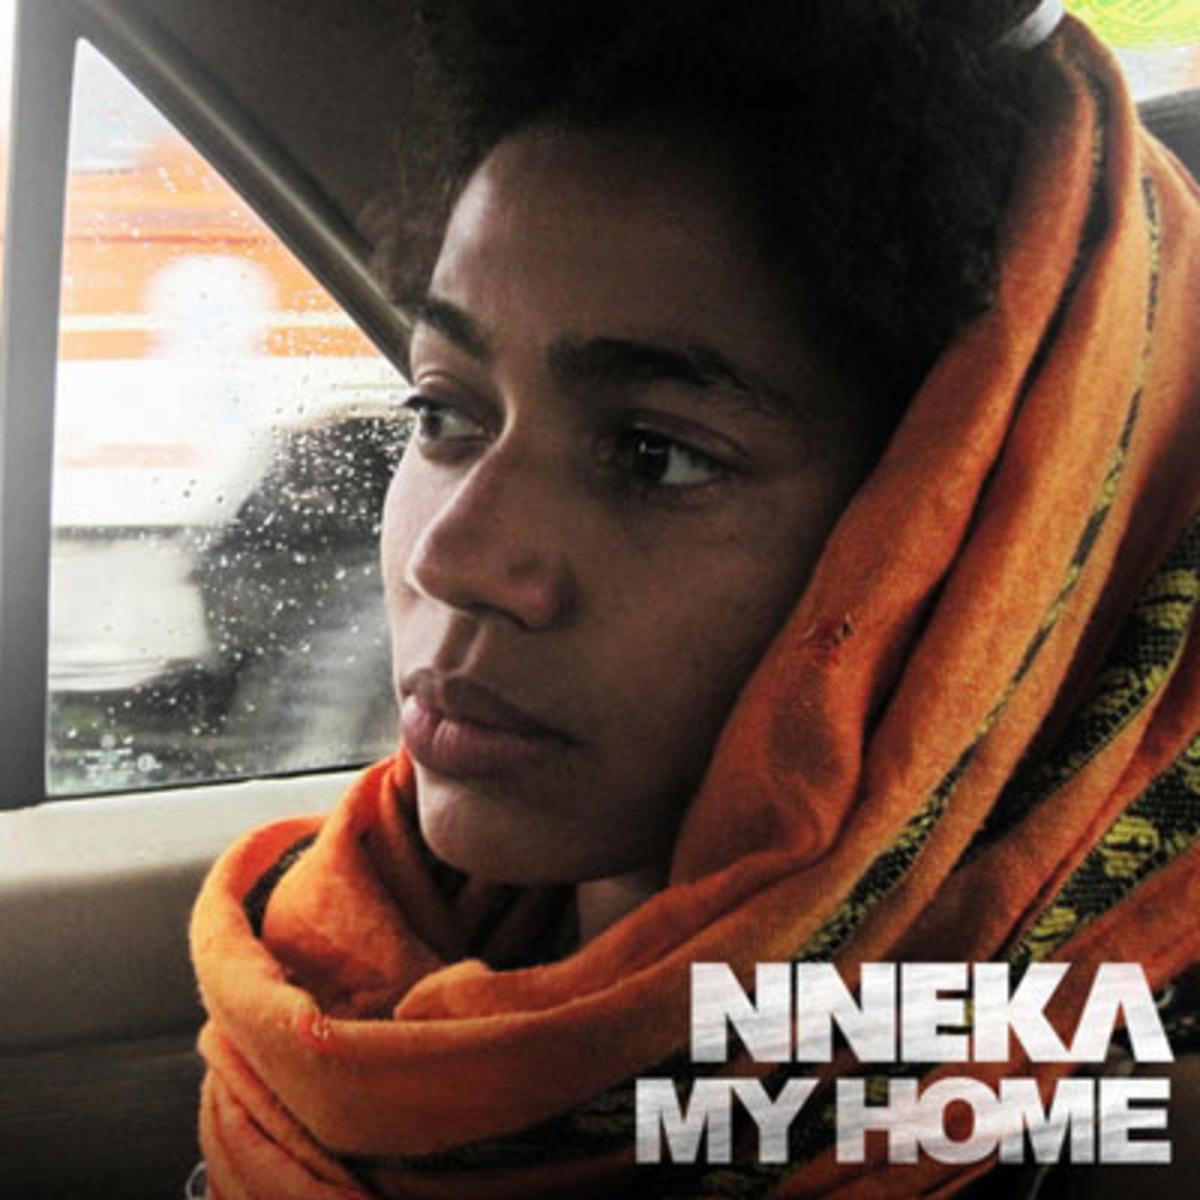 nneka-myhome.jpg